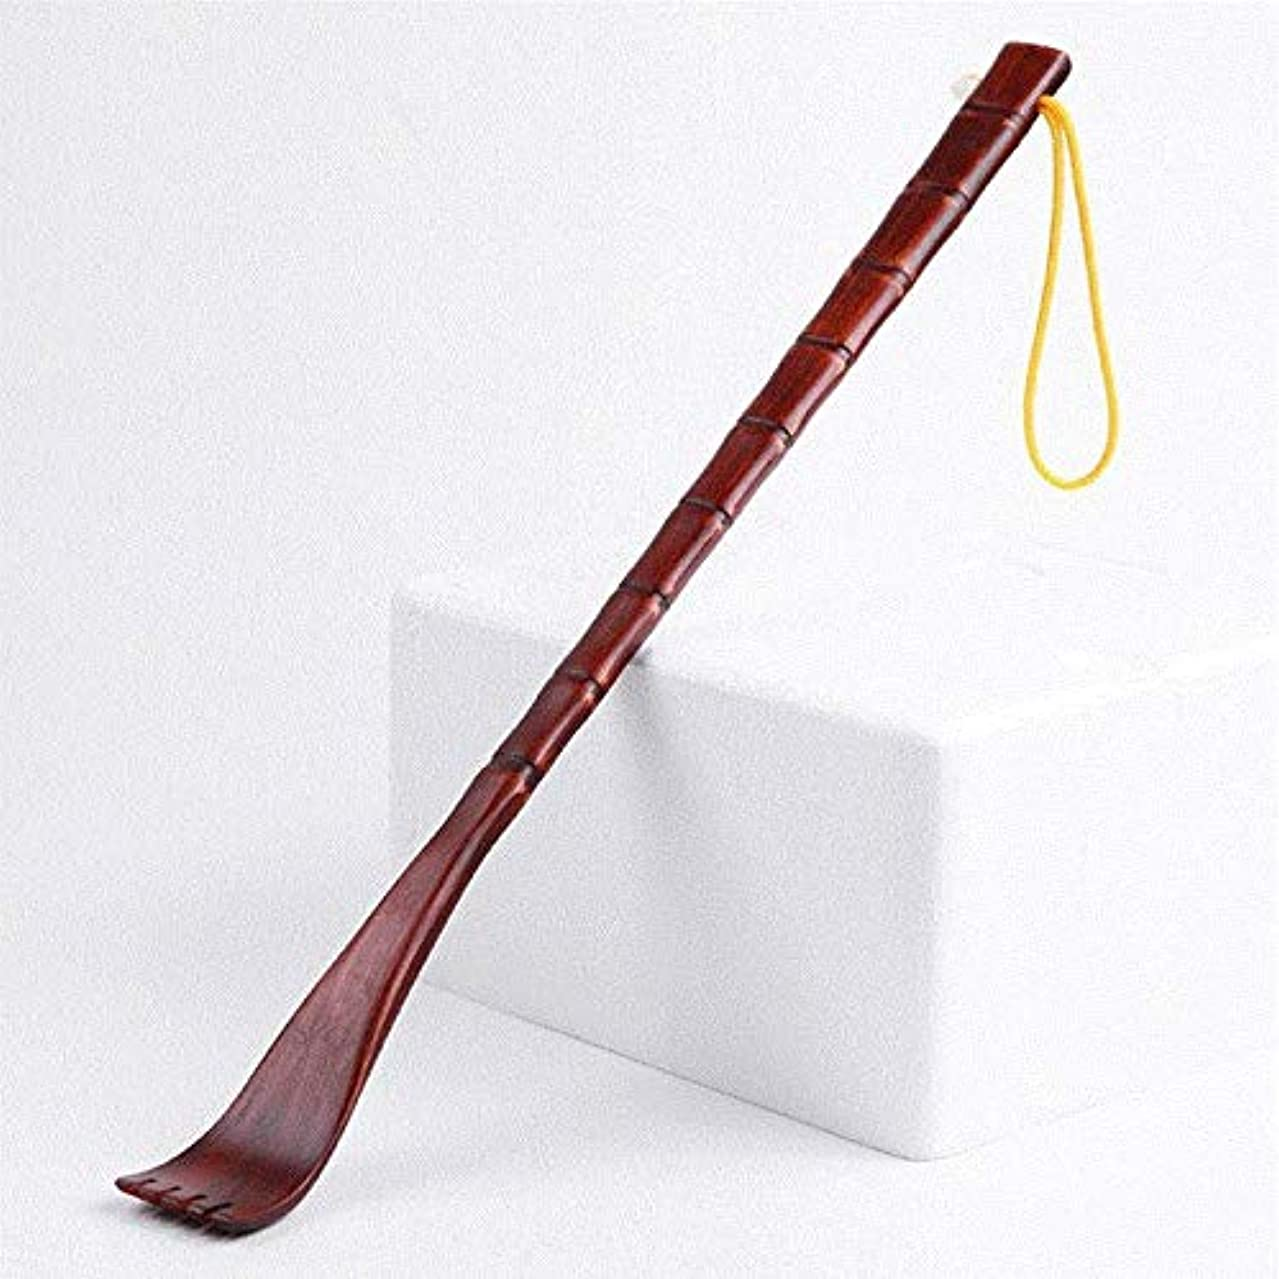 杖傷跡クリークRuby背中掻きブラシ 木製 まごのて 敬老の日 プレゼント高人気 背中かゆみを止め マッサージ用